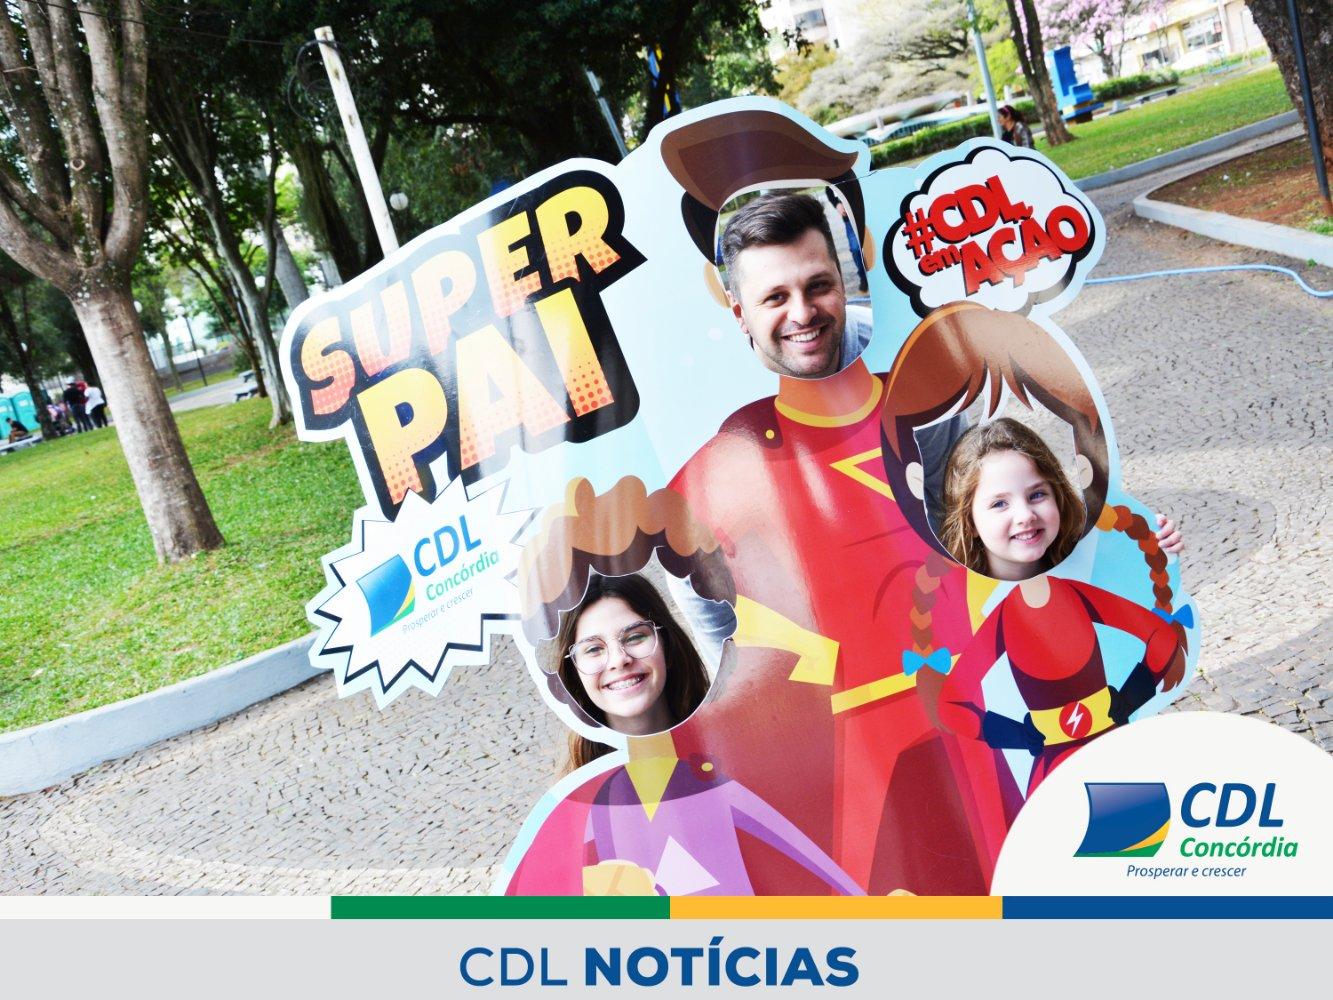 CDL Concórdia promove ação especial do Dia dos Pais